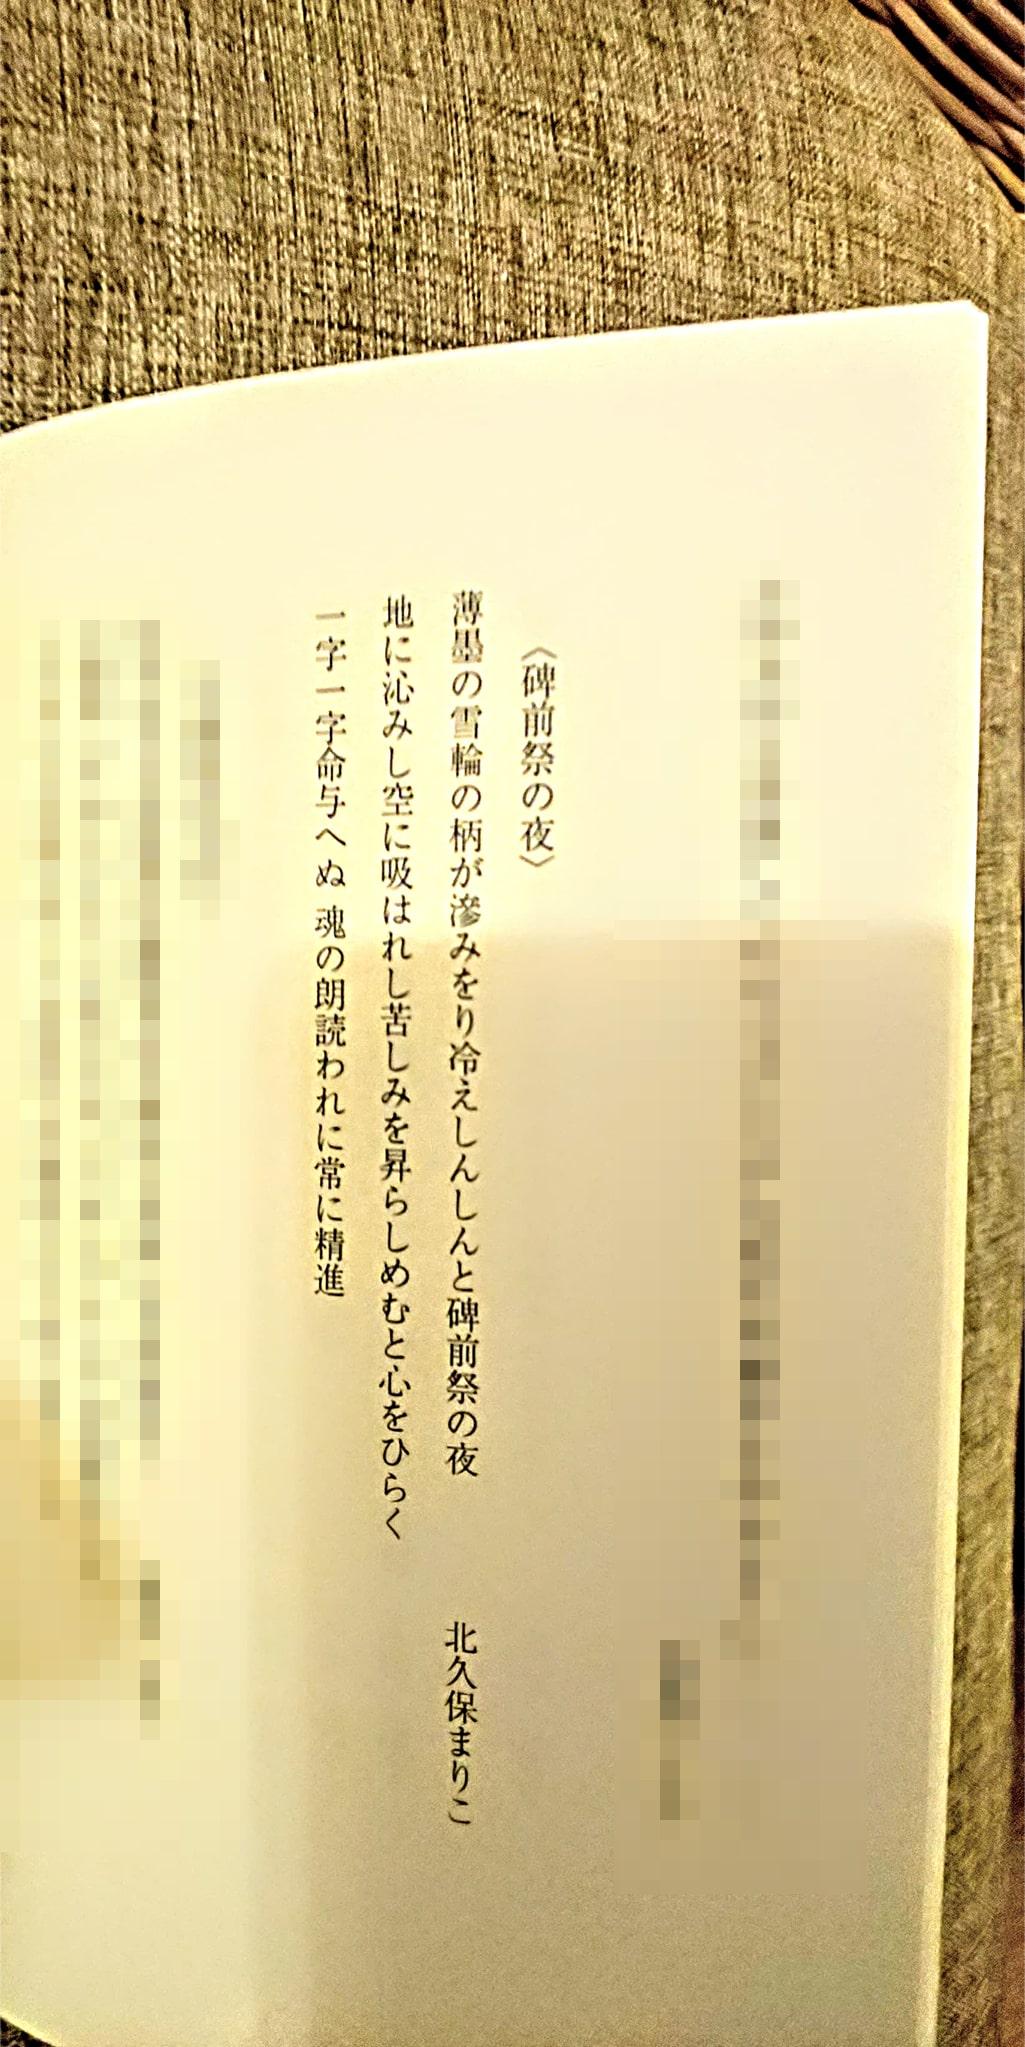 201911_SF_Shigun_02-min.jpg